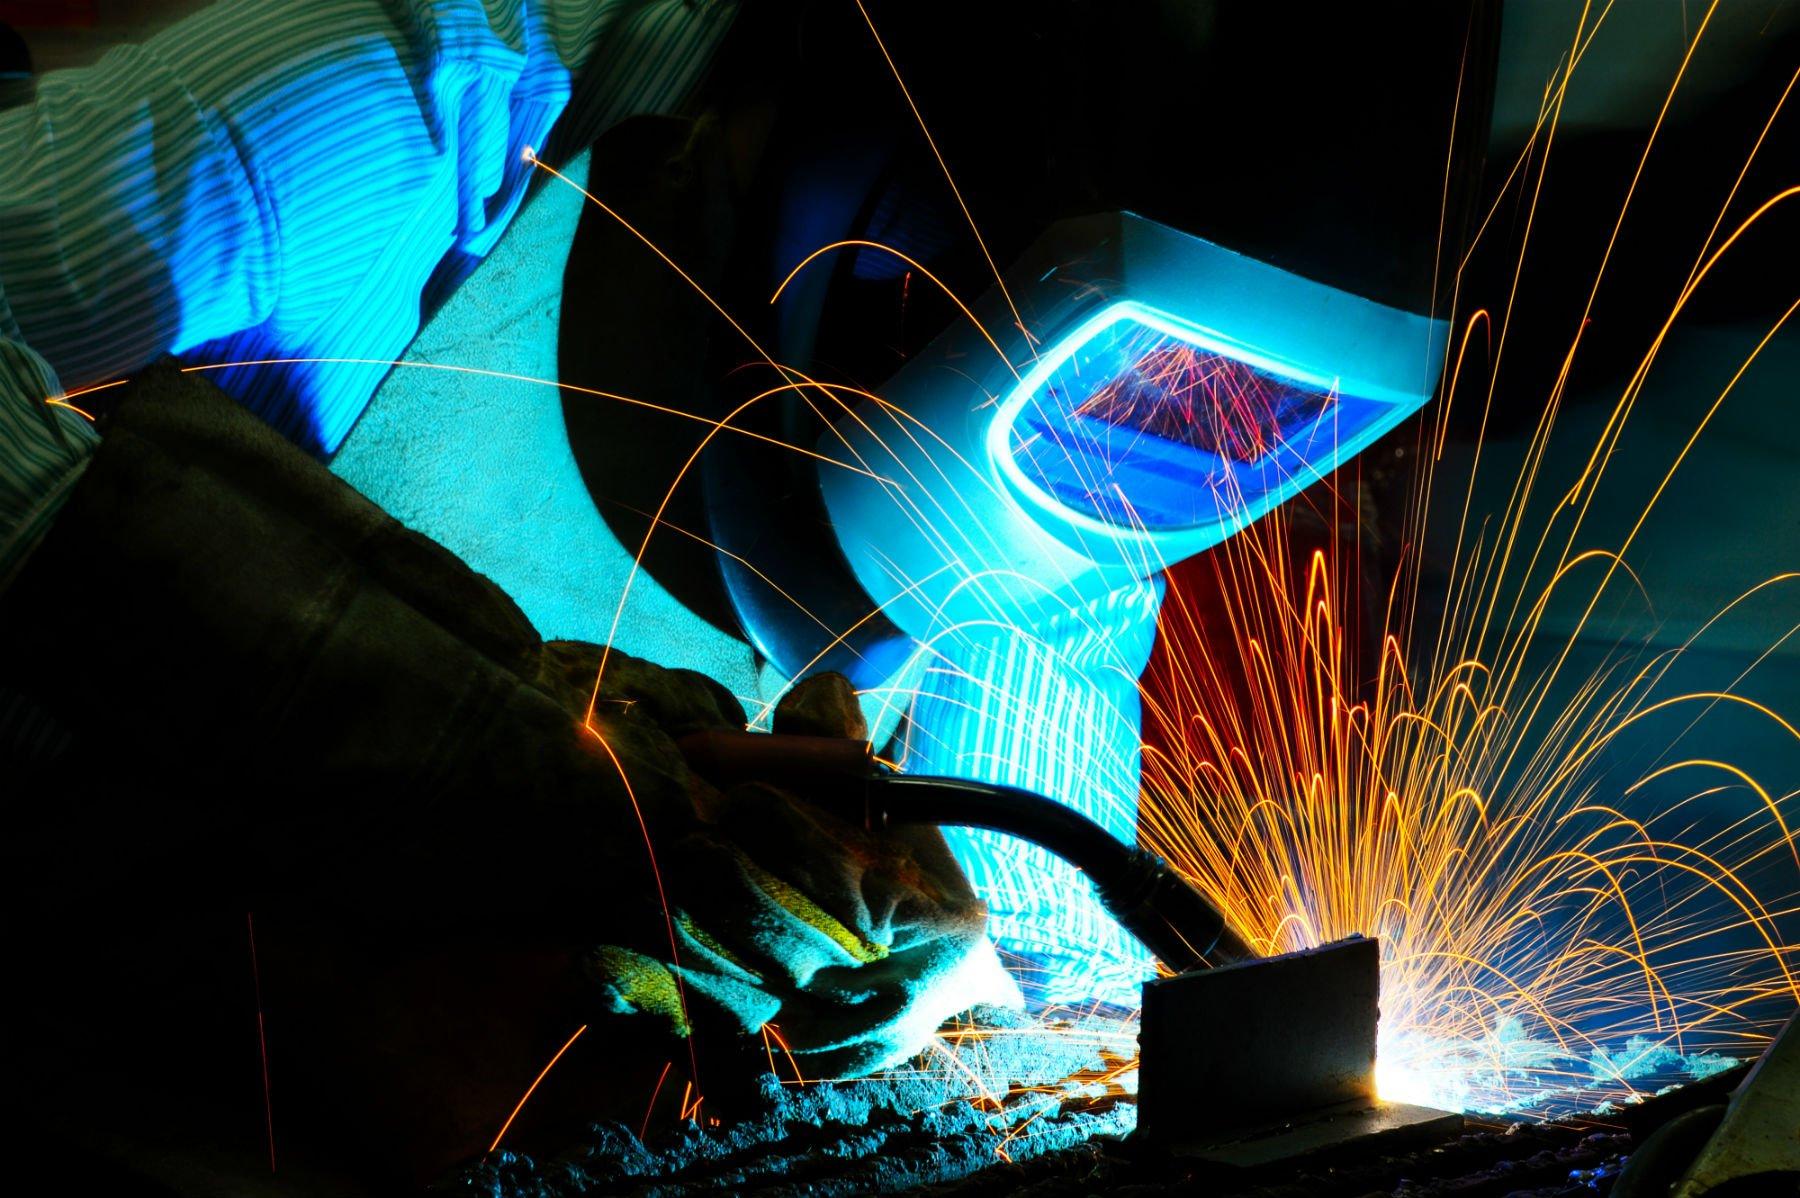 un uomo con un casco di saldatura e mentre lavora con ferro